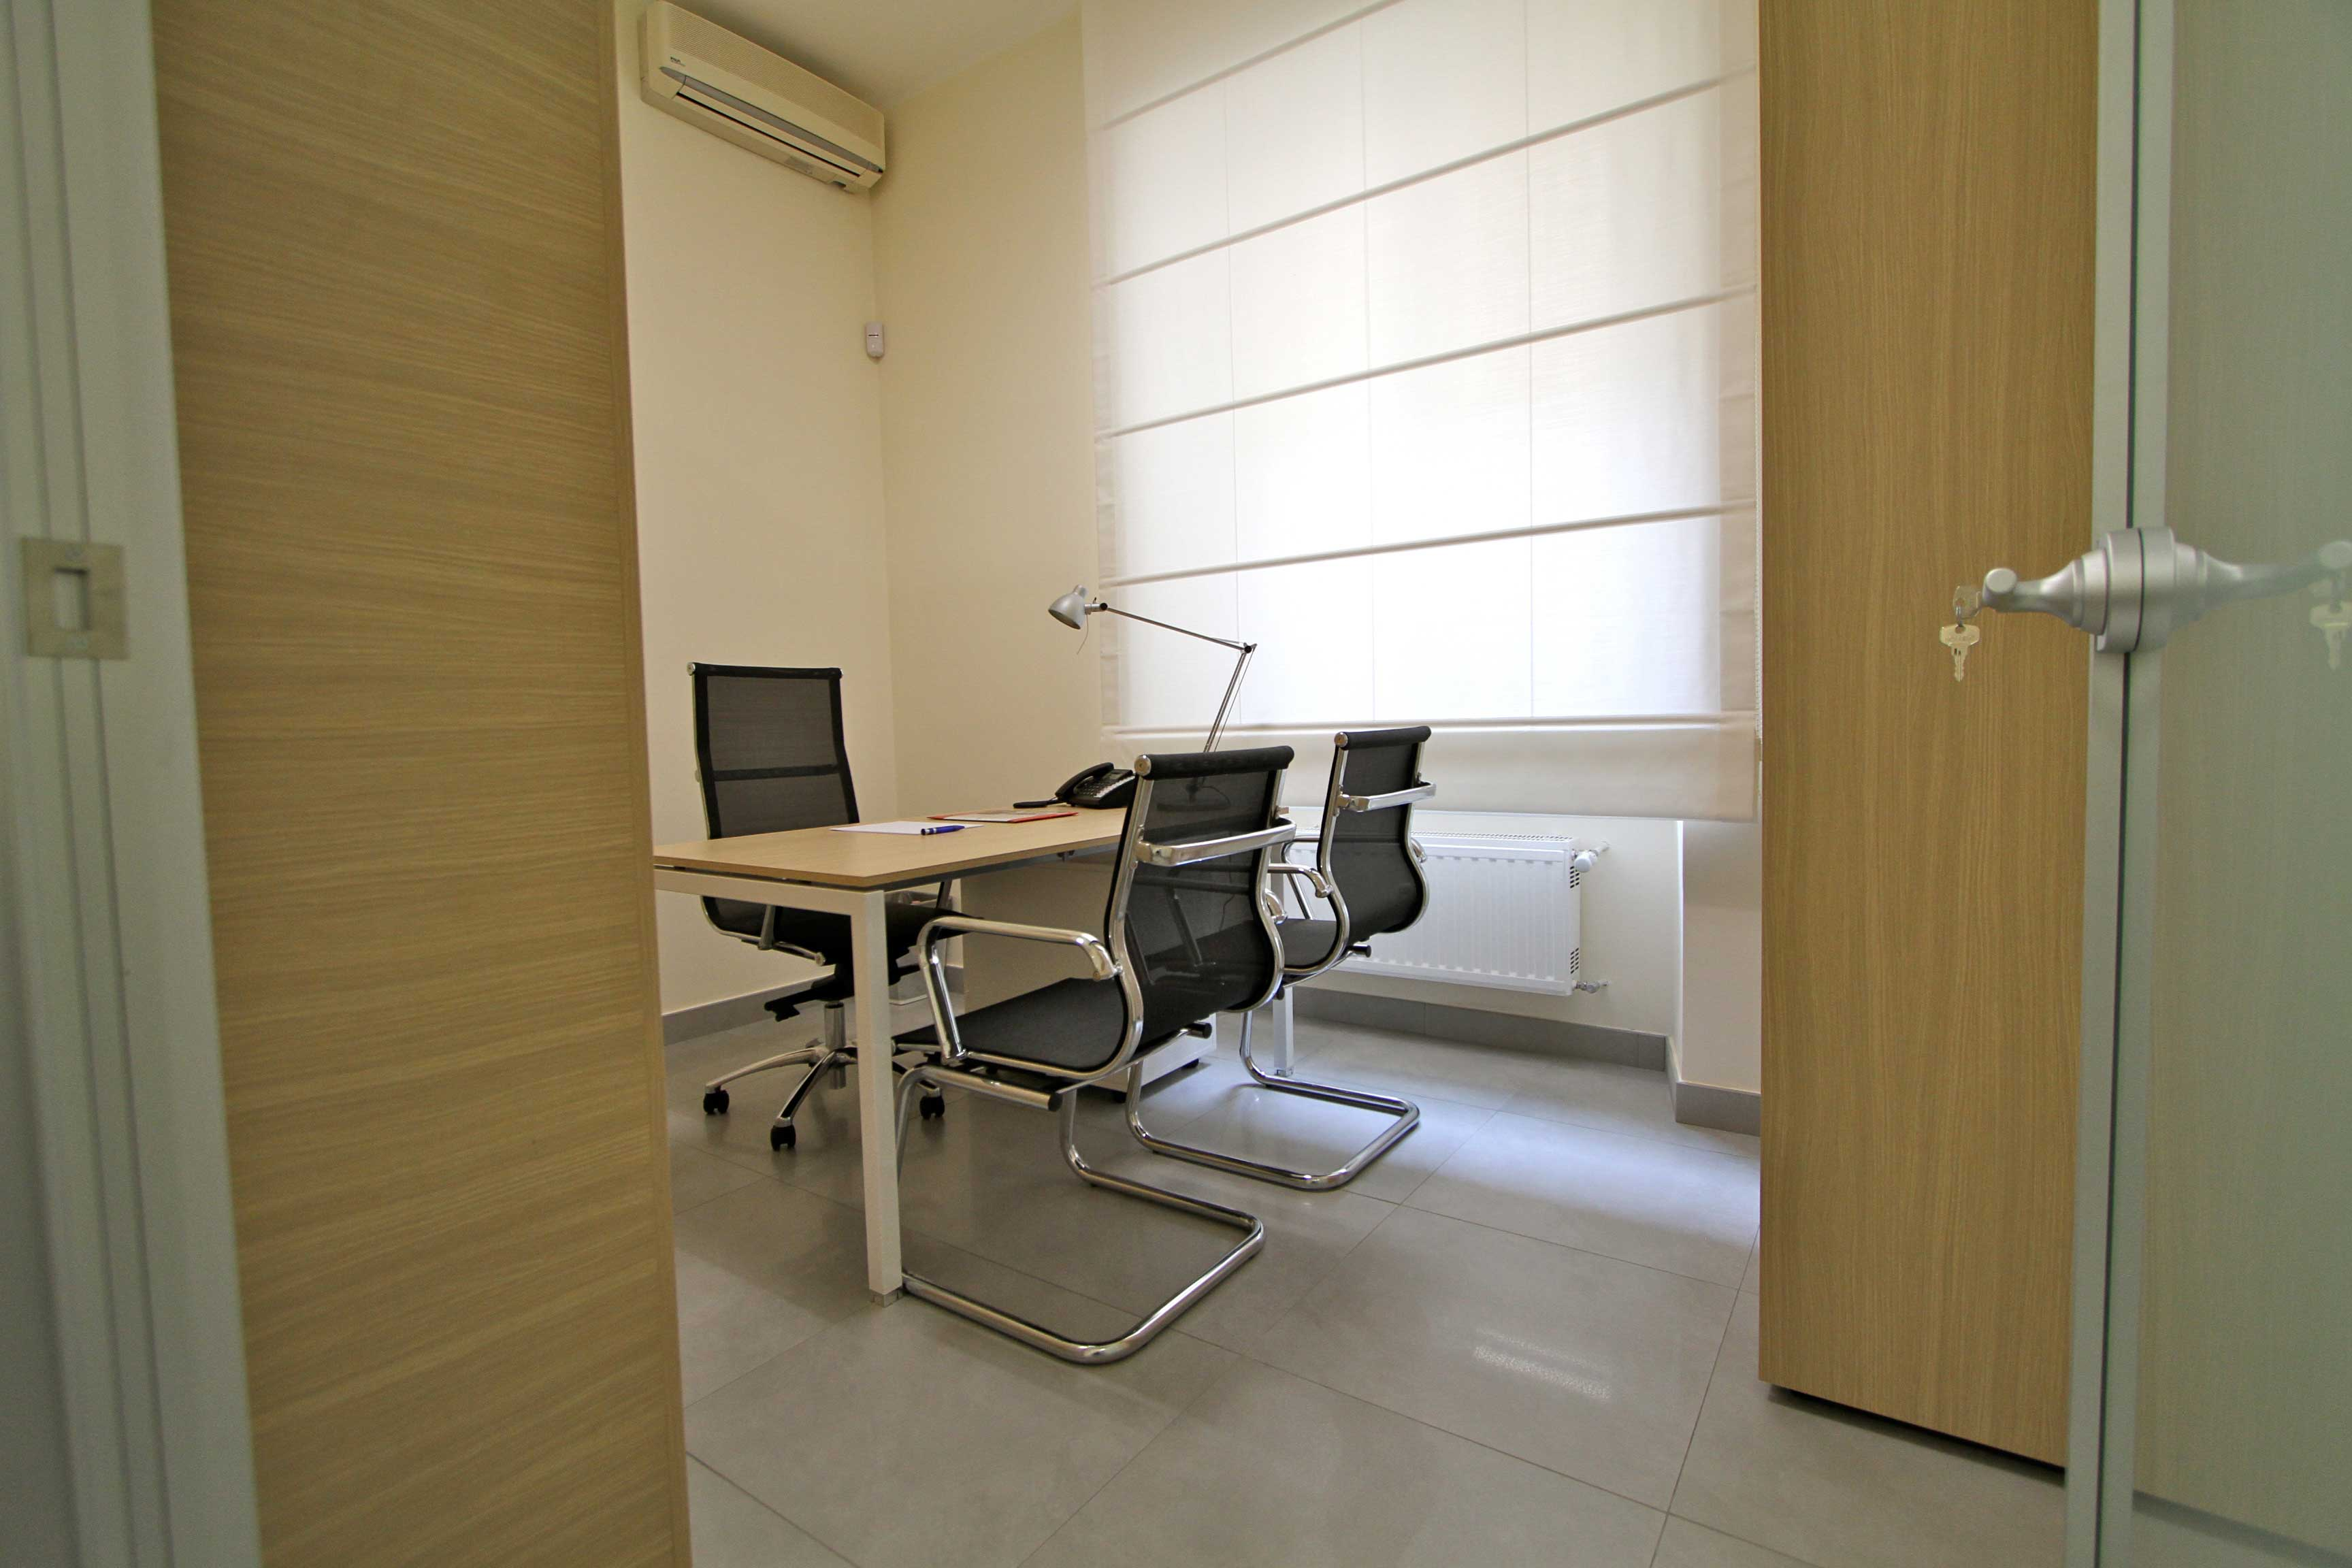 Ufficio temporaneo roma centro for Ufficio temporaneo